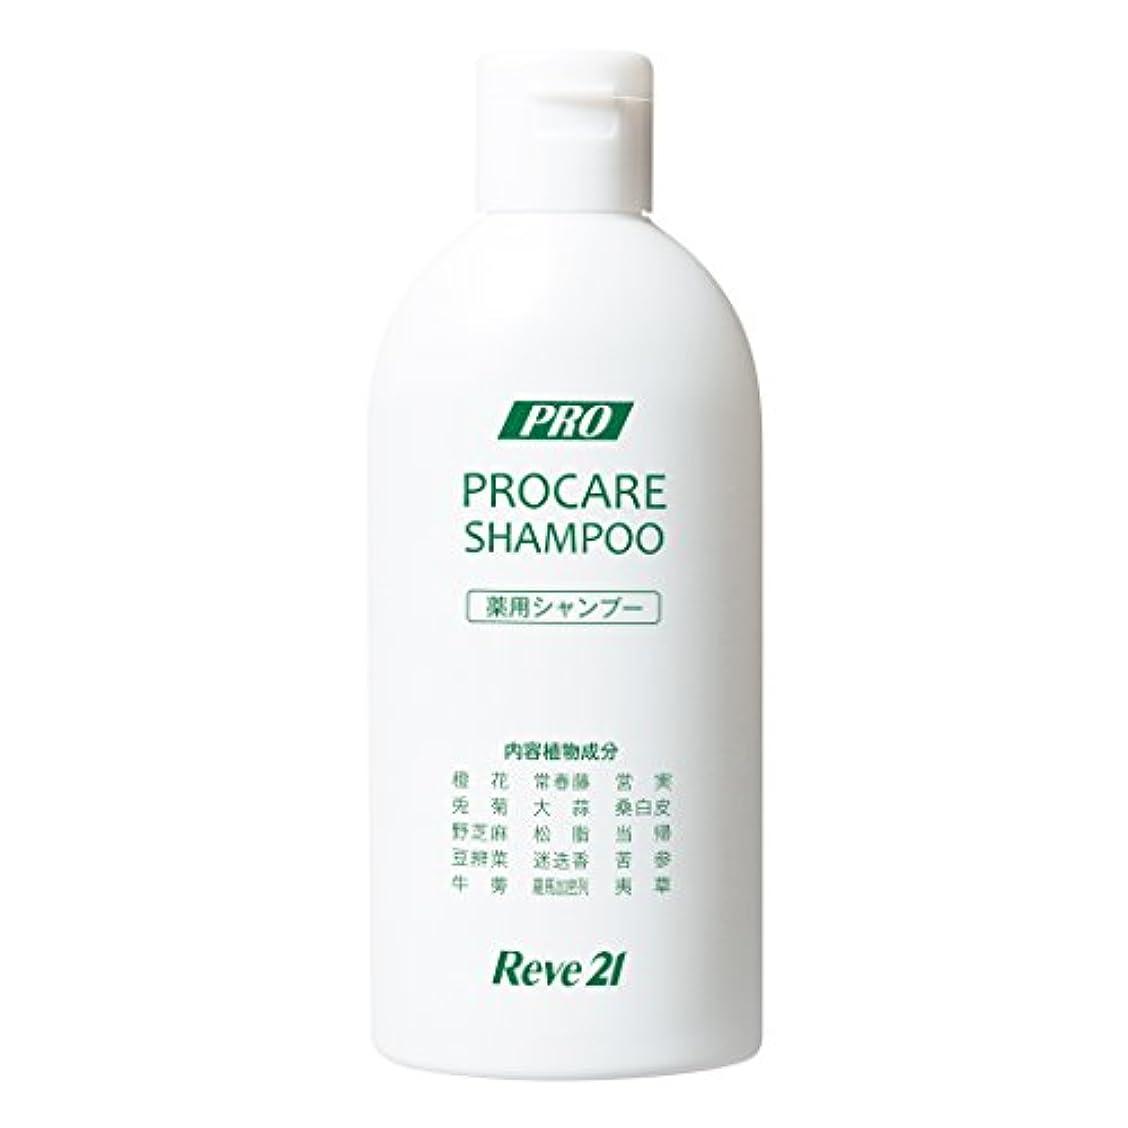 リアルエコーそこリーブ21 薬用プロケアシャンプー 200ml[医薬部外品] 育毛 発毛 育毛シャンプー